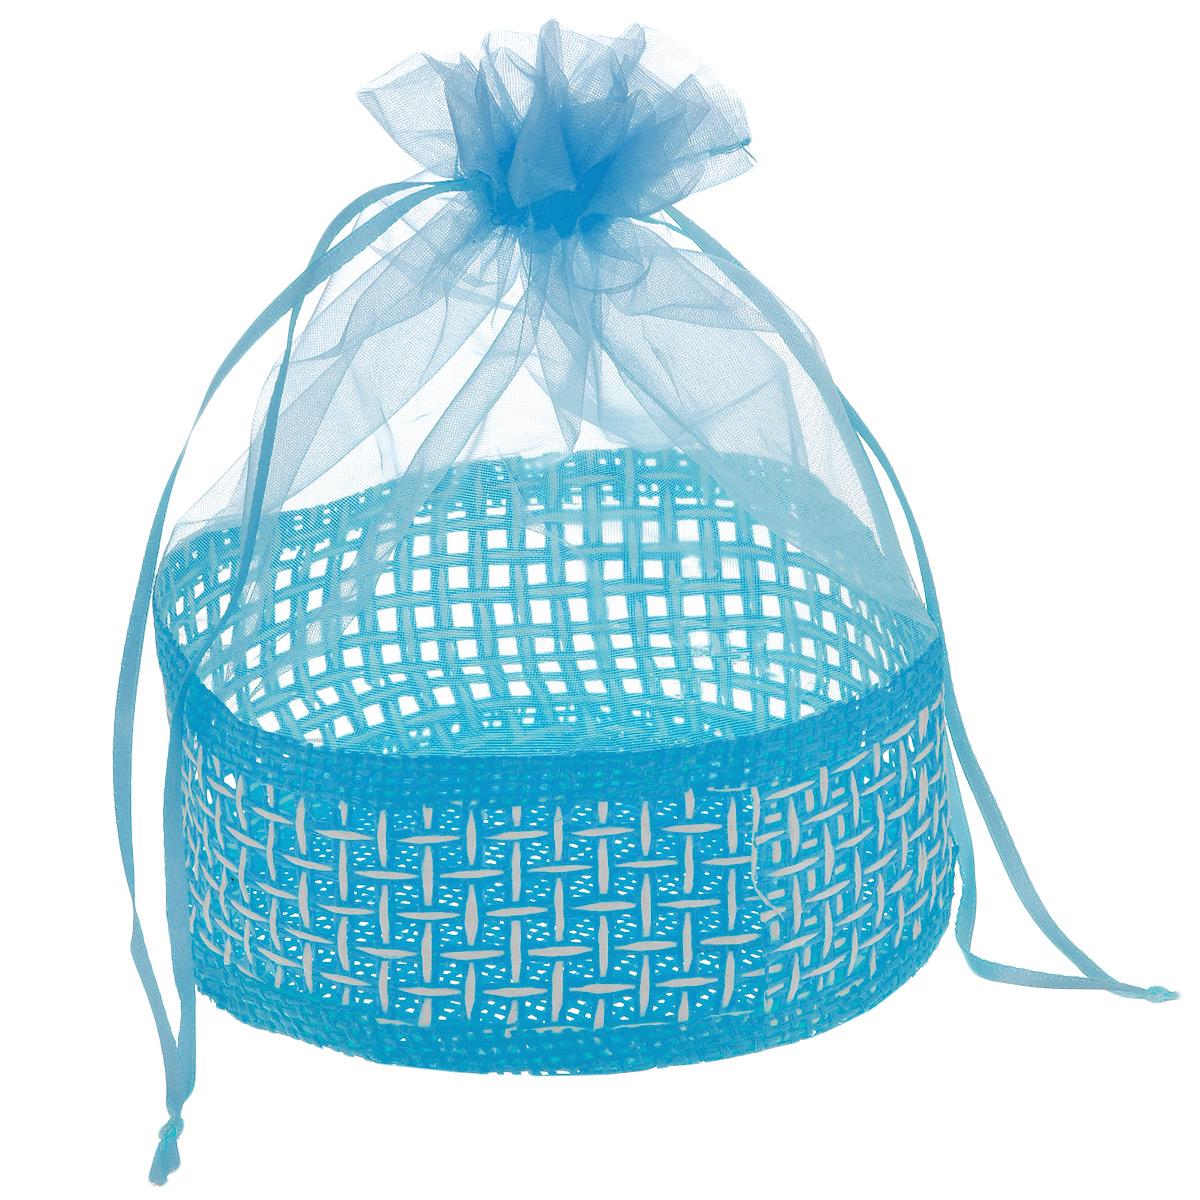 Корзинка Home Queen Подарок, цвет: голубой, 13 х 20 см66826_4Декоративная корзинка Home Queen Подарок прекрасно подойдет в качестве подарочной упаковки, в ней также удобно хранить различных бытовые и косметические принадлежности. Изделие имеет жесткое основание в виде плетеной корзинки, верх выполнен из полупрозрачного полиэстера. Корзинка закрывается на кулиску.